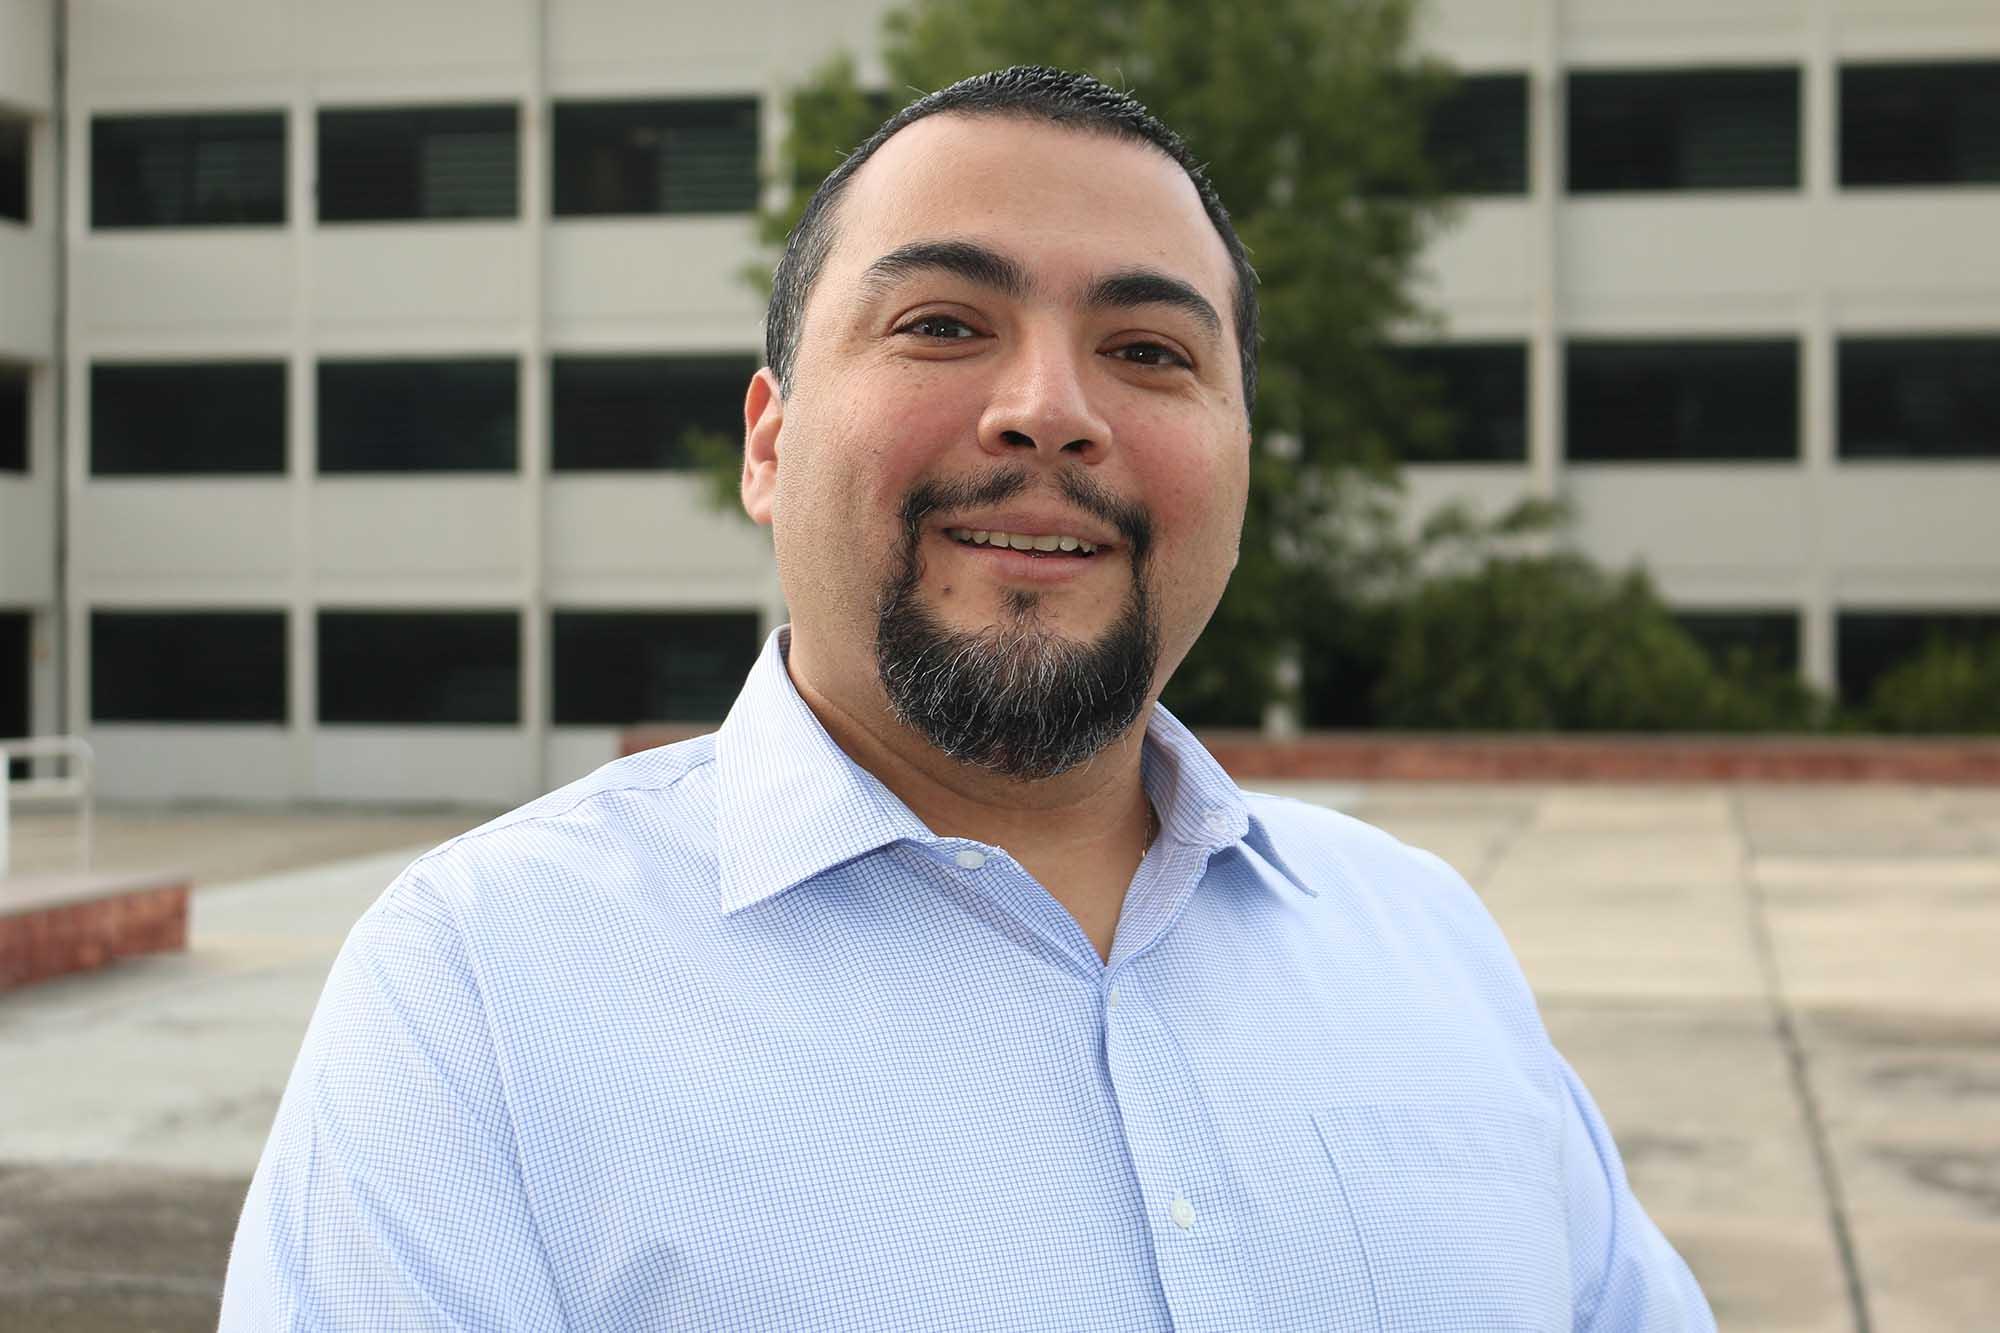 Juan Pablo Aguilar Meza